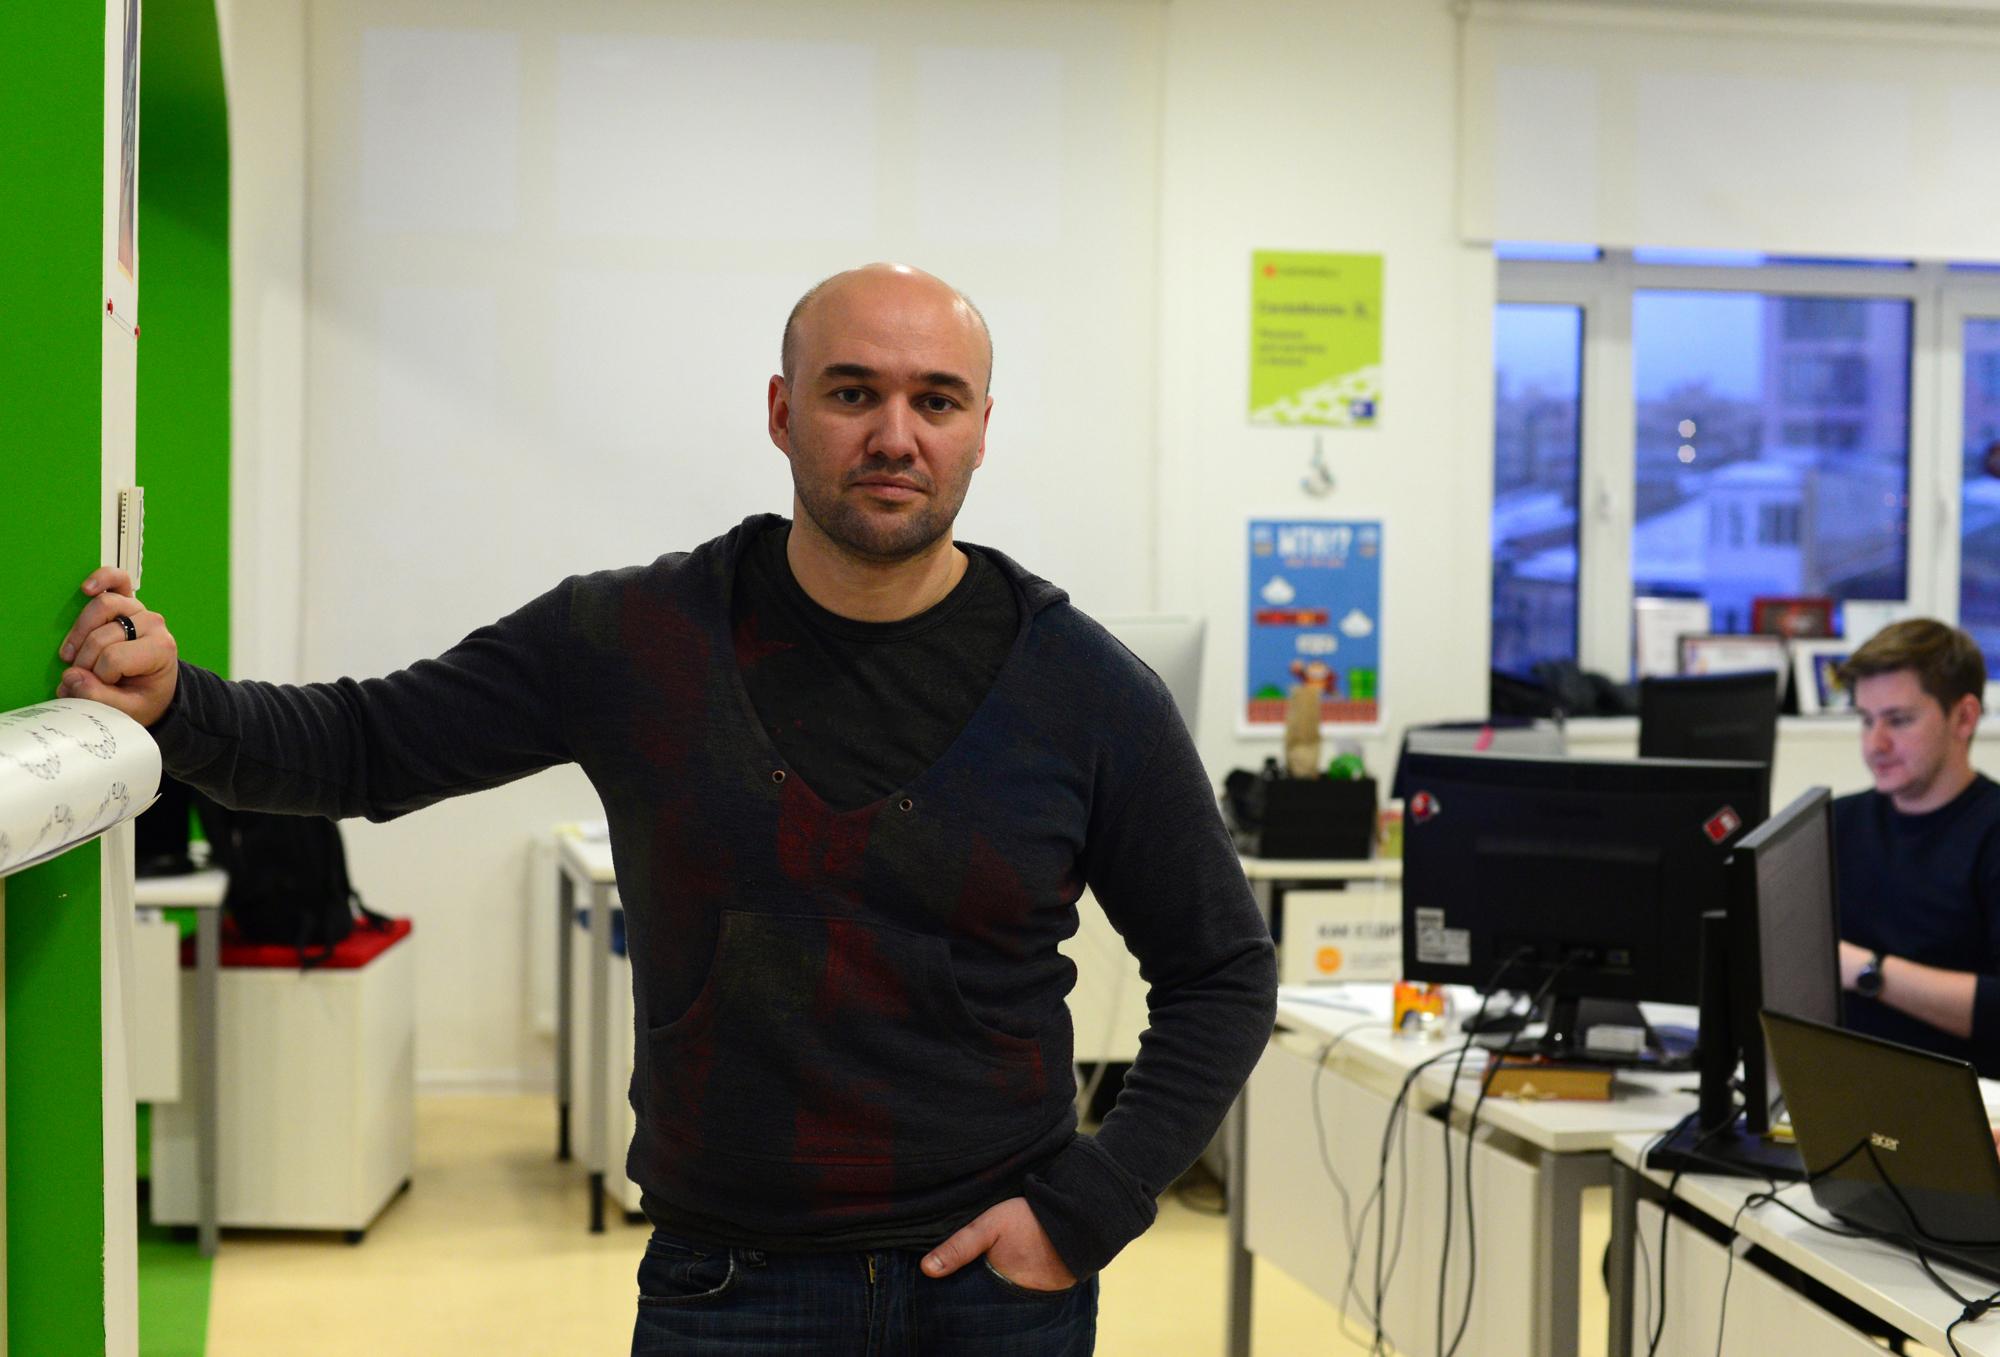 Основатель приложения «Кошелёк»: «Мы воплощаем в жизнь мечту о том, что телефон заменит бумажник»